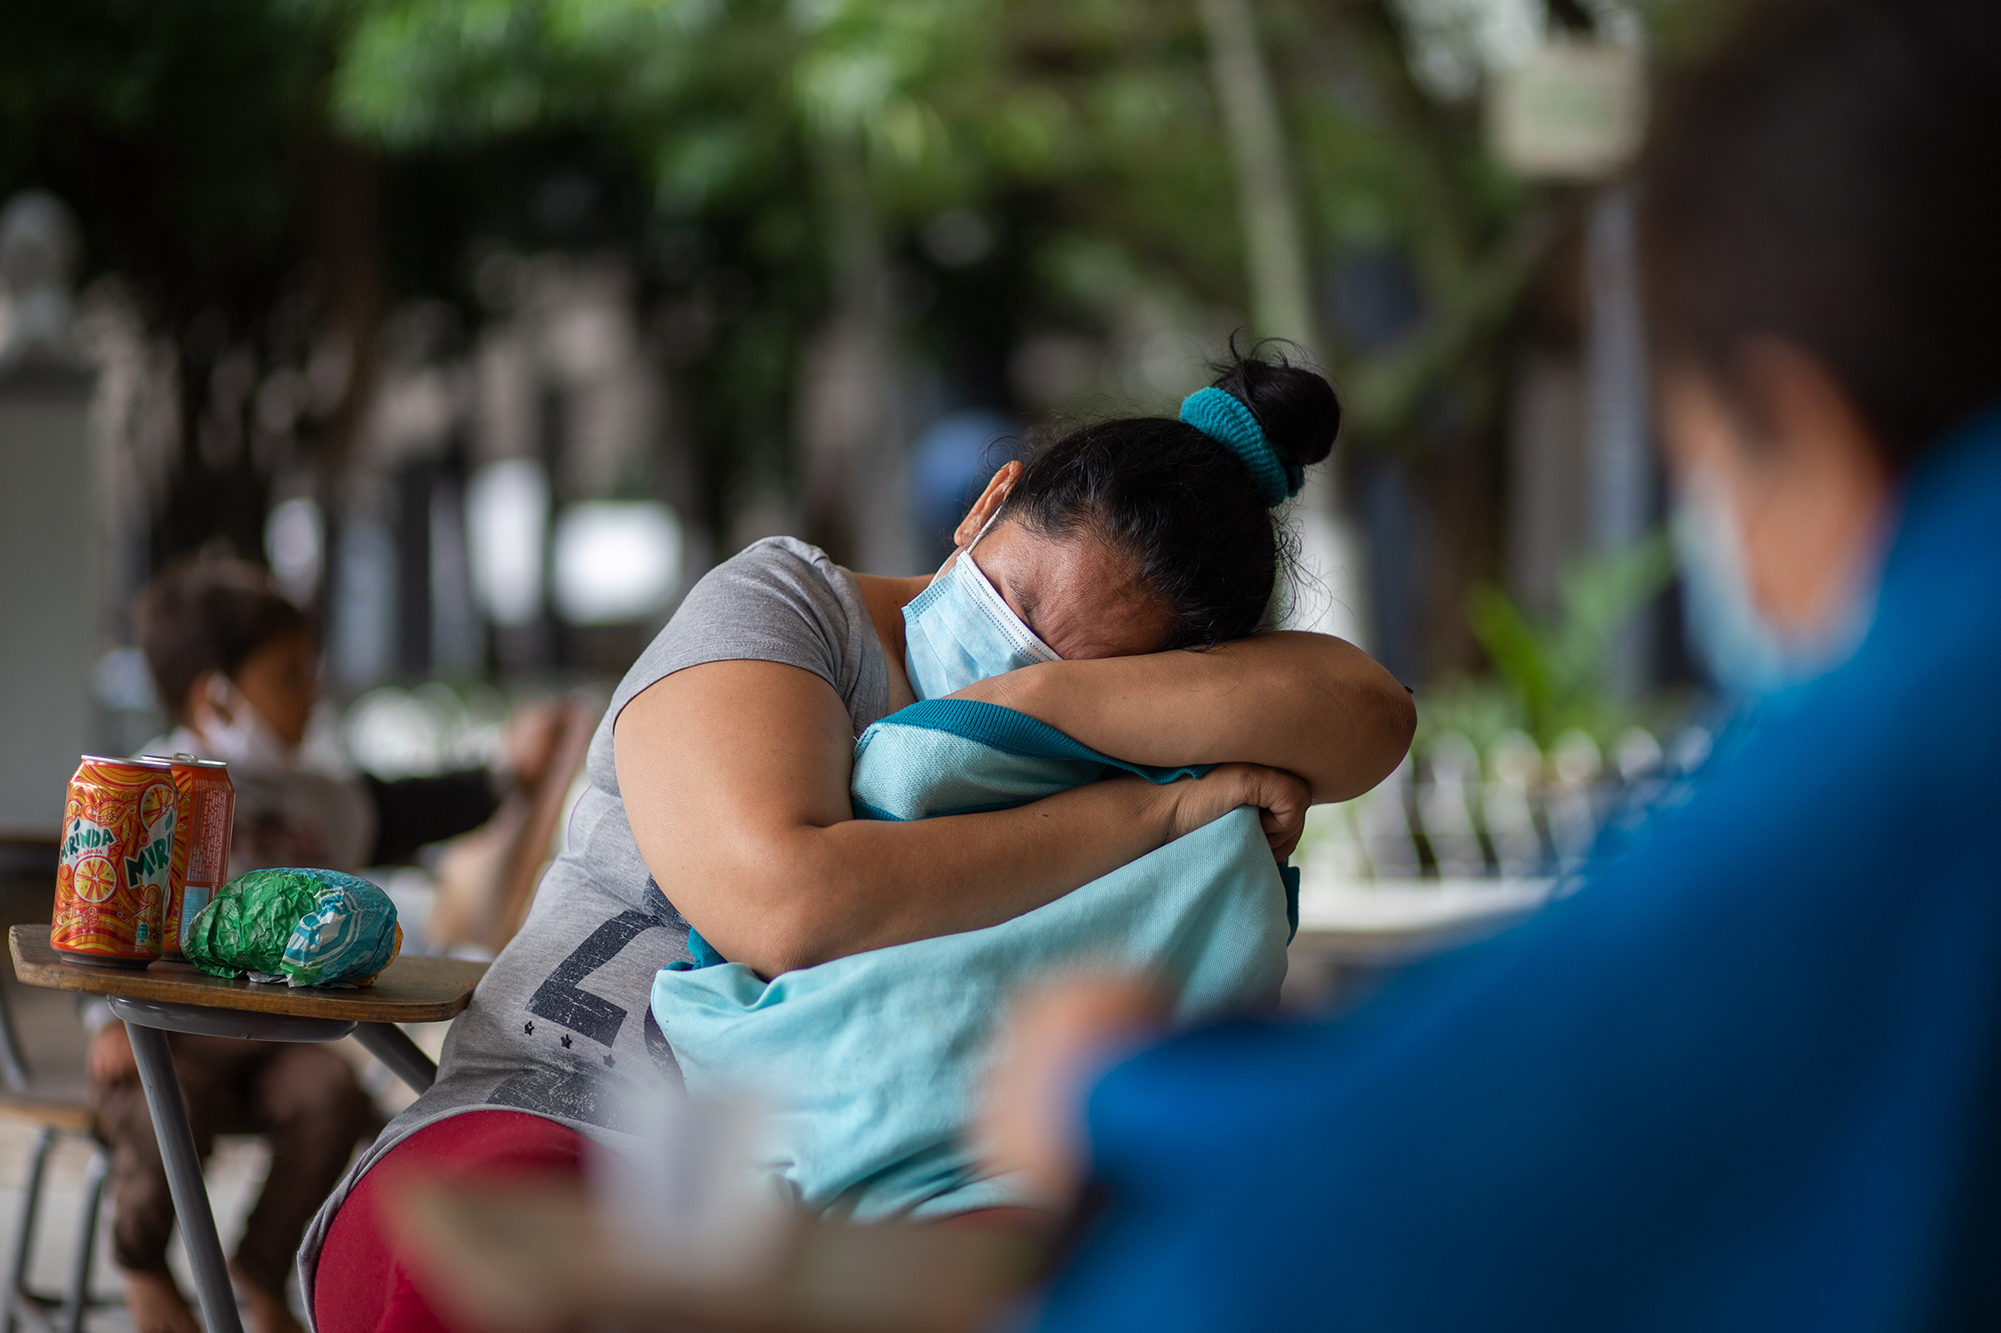 Una mujer descansa sobre sobre un pupitre en el Instituto Central Vicente Cáceres, que ahora funciona como albergue para las familias afectadas por los efectos de las lluvias que ha dejado tras su paso la tormenta tropical Eta. Comayagüela, 5 de noviembre de 2020. Foto: Martín Cálix.